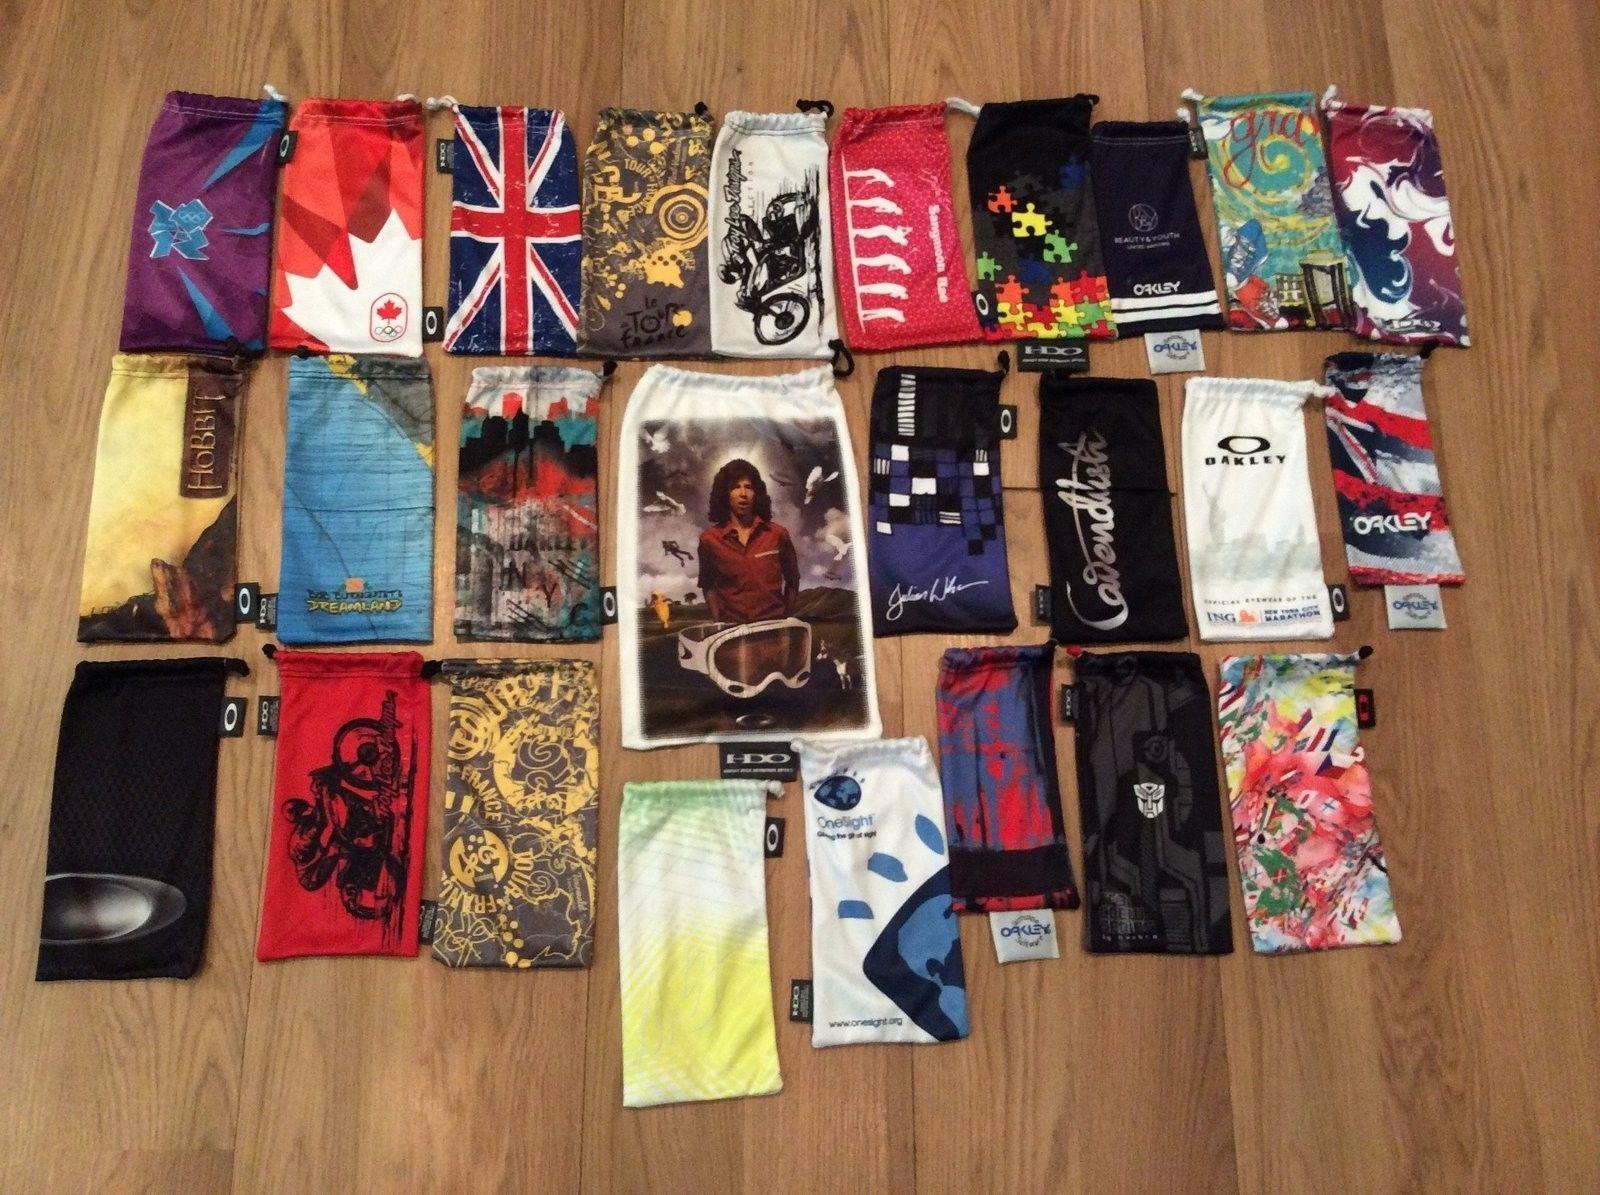 Micro Bag Bundle $200 shipped - image.jpg